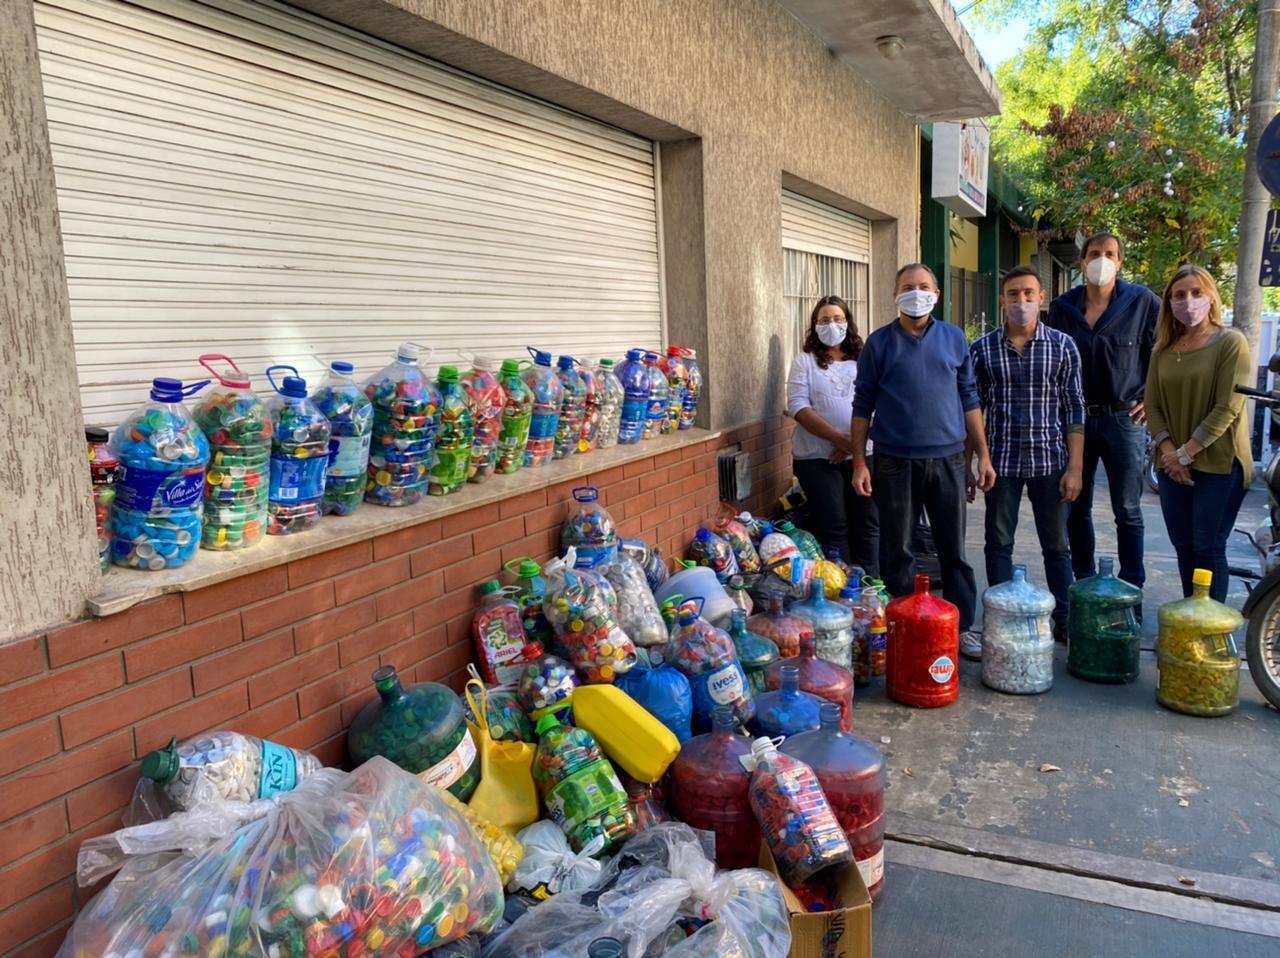 Entregaron cerca de 100 kilos de tapitas a la Cooperadora de Hospitales de Mar del Plata